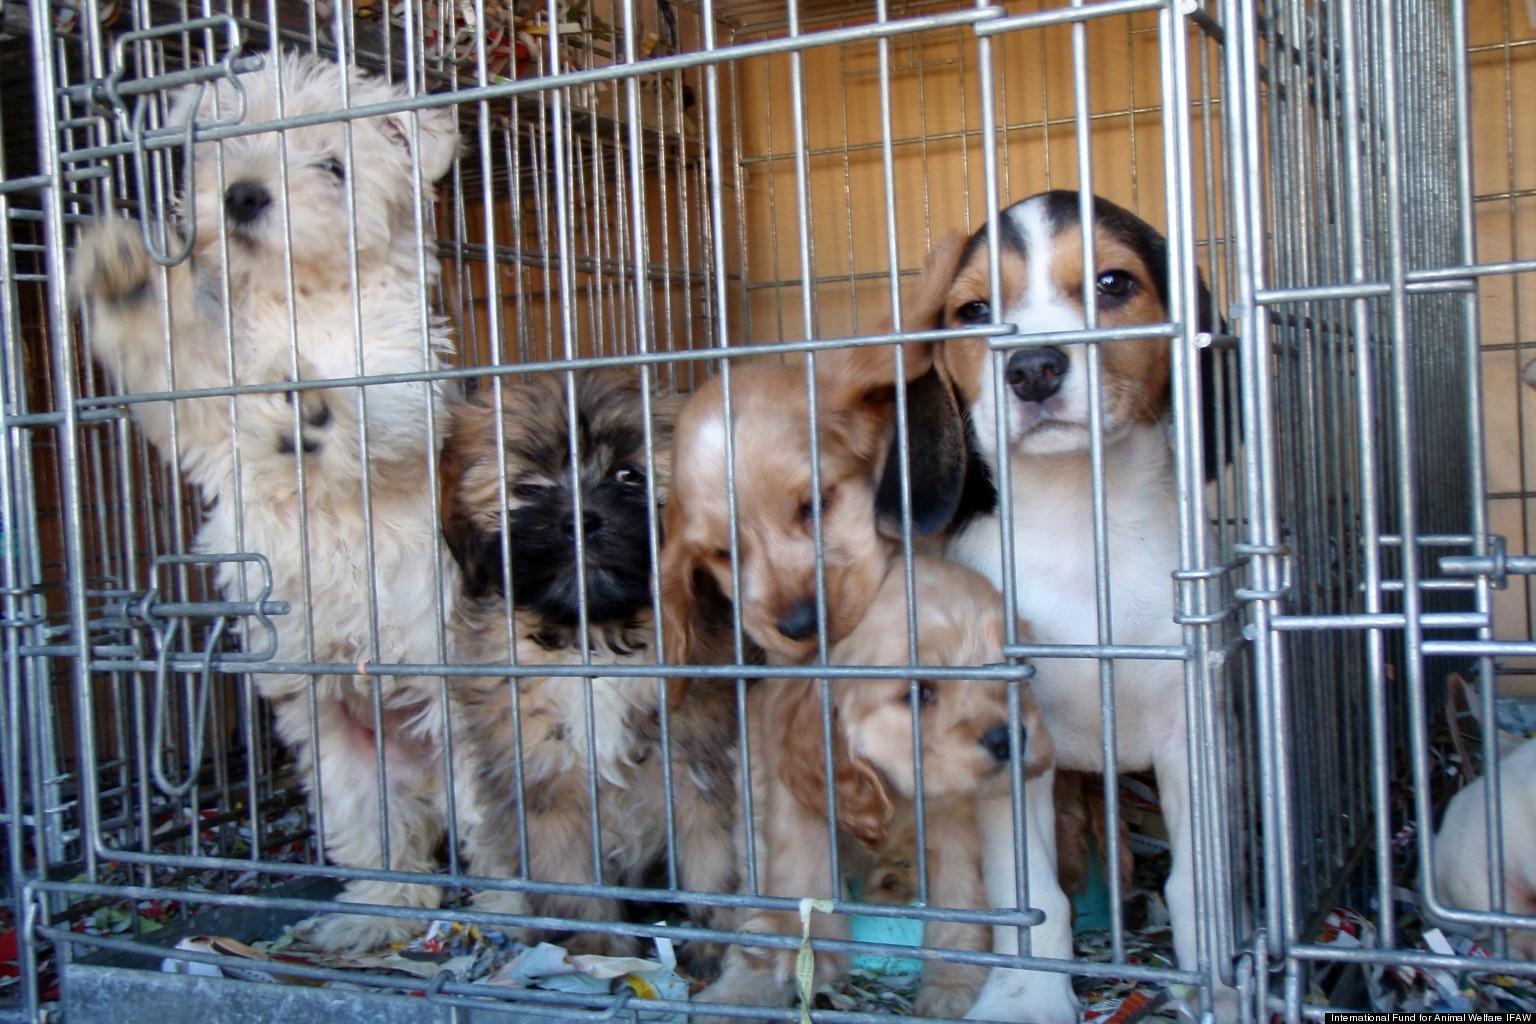 Online Puppy Mills International Fund For Animal Welfare